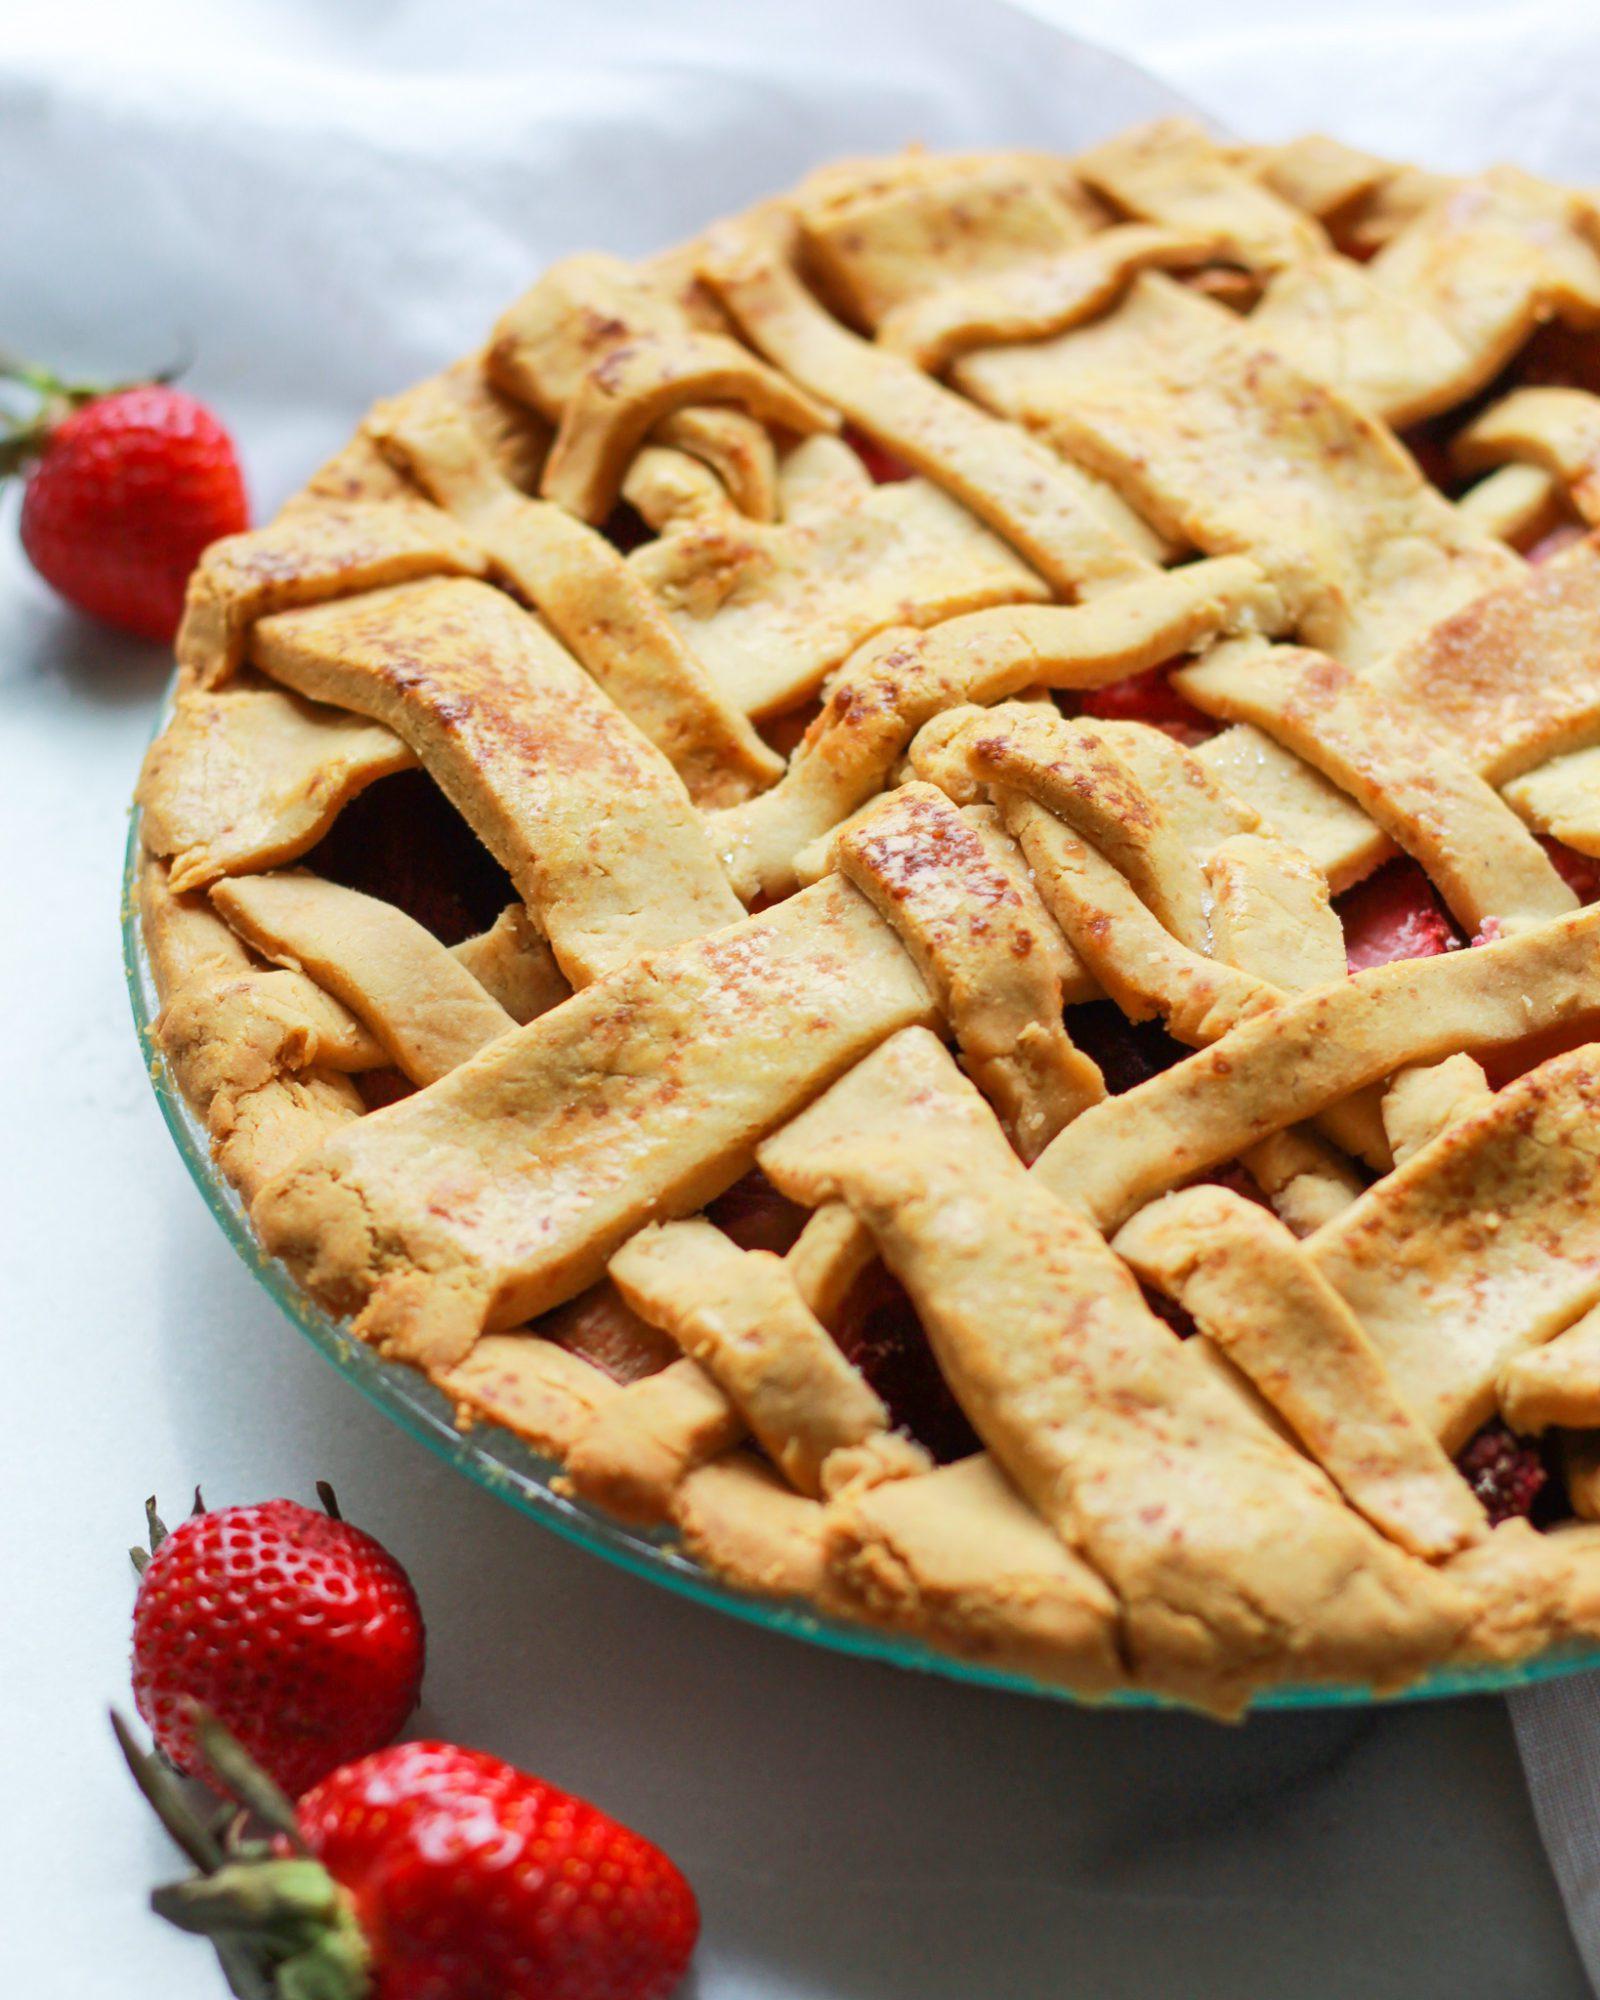 side view of paleo strawberry rhubarb pie